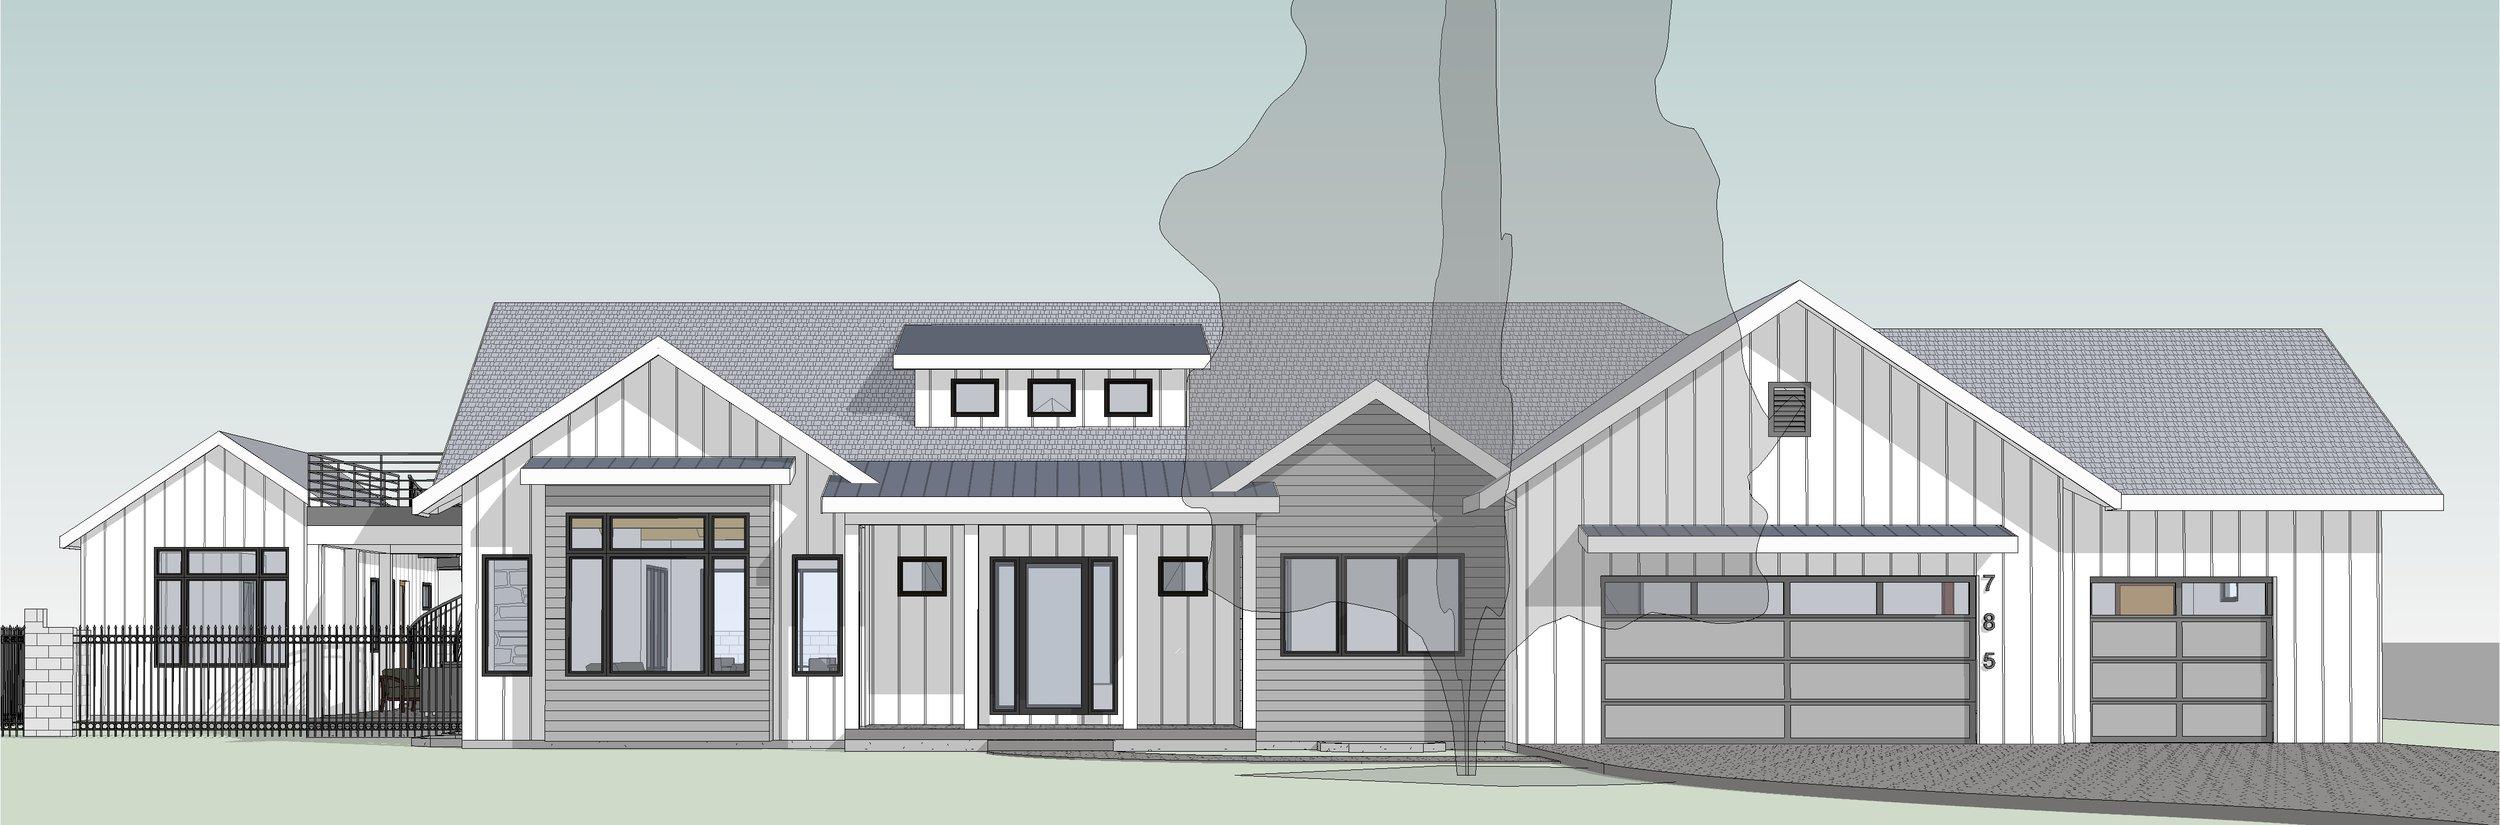 Vander Meer-Quinn Residence - 3D View - FRONT 3.jpg